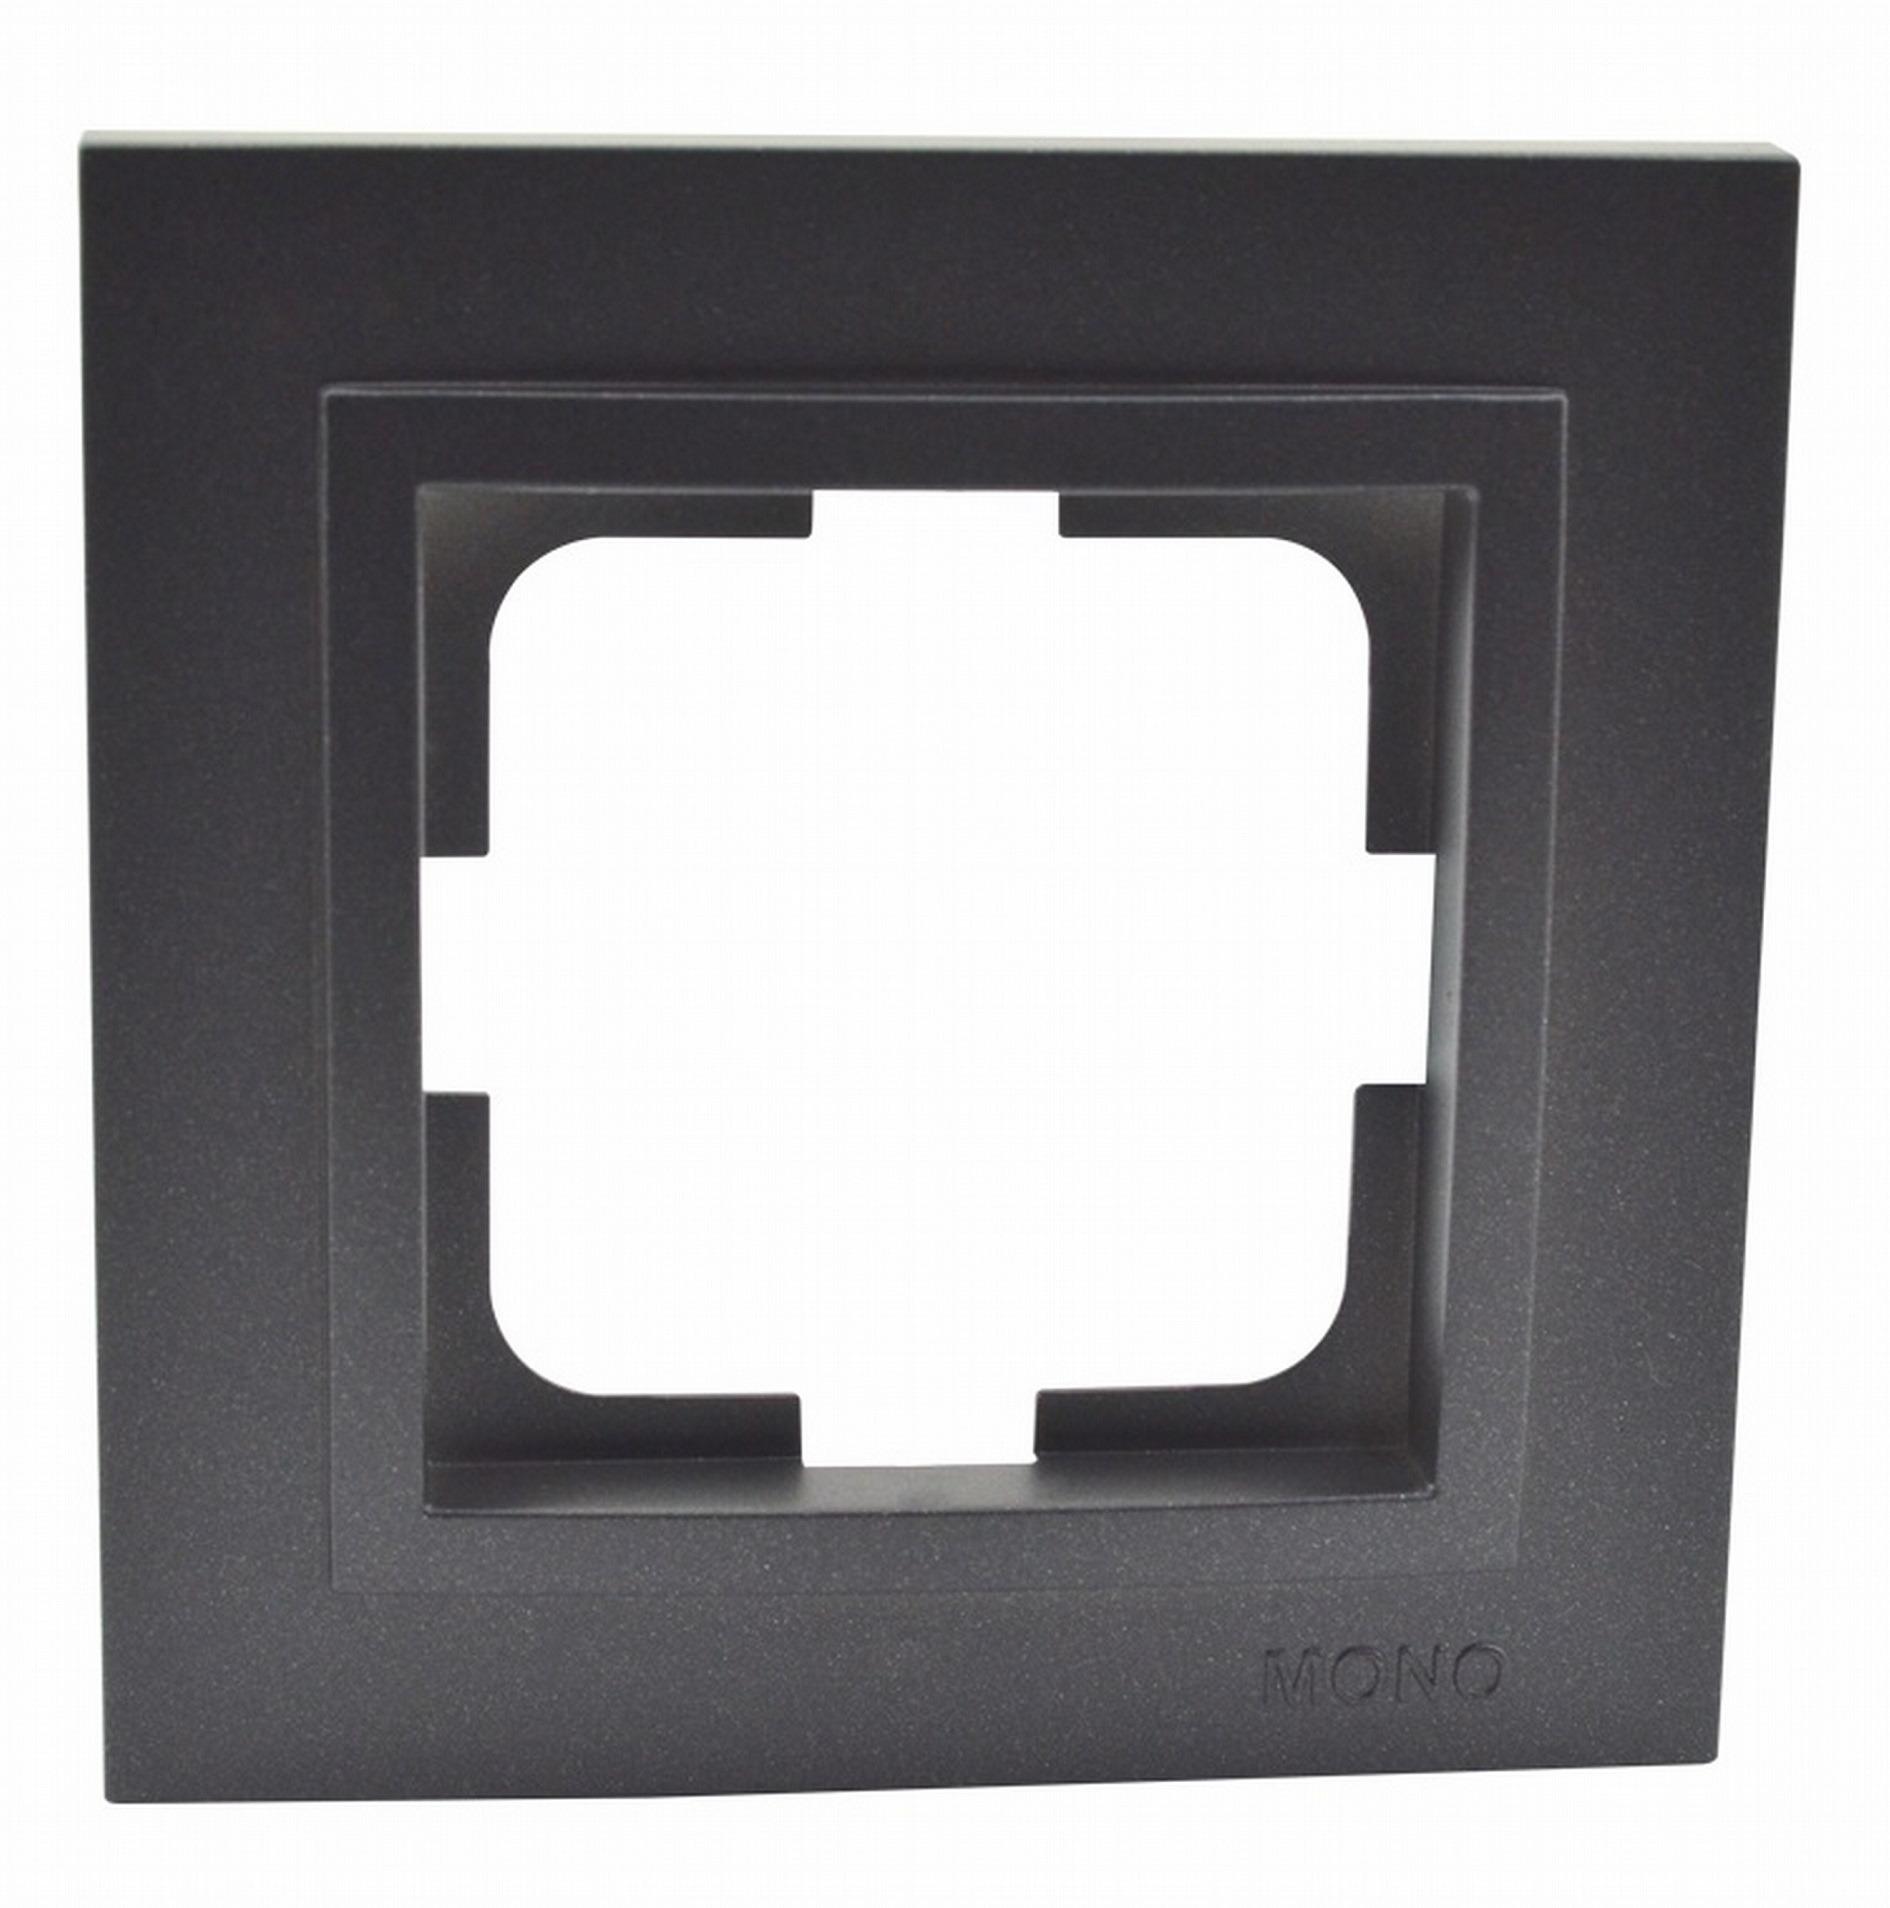 Рамка Mono Despina 1-я графит 102-200000-160 фото